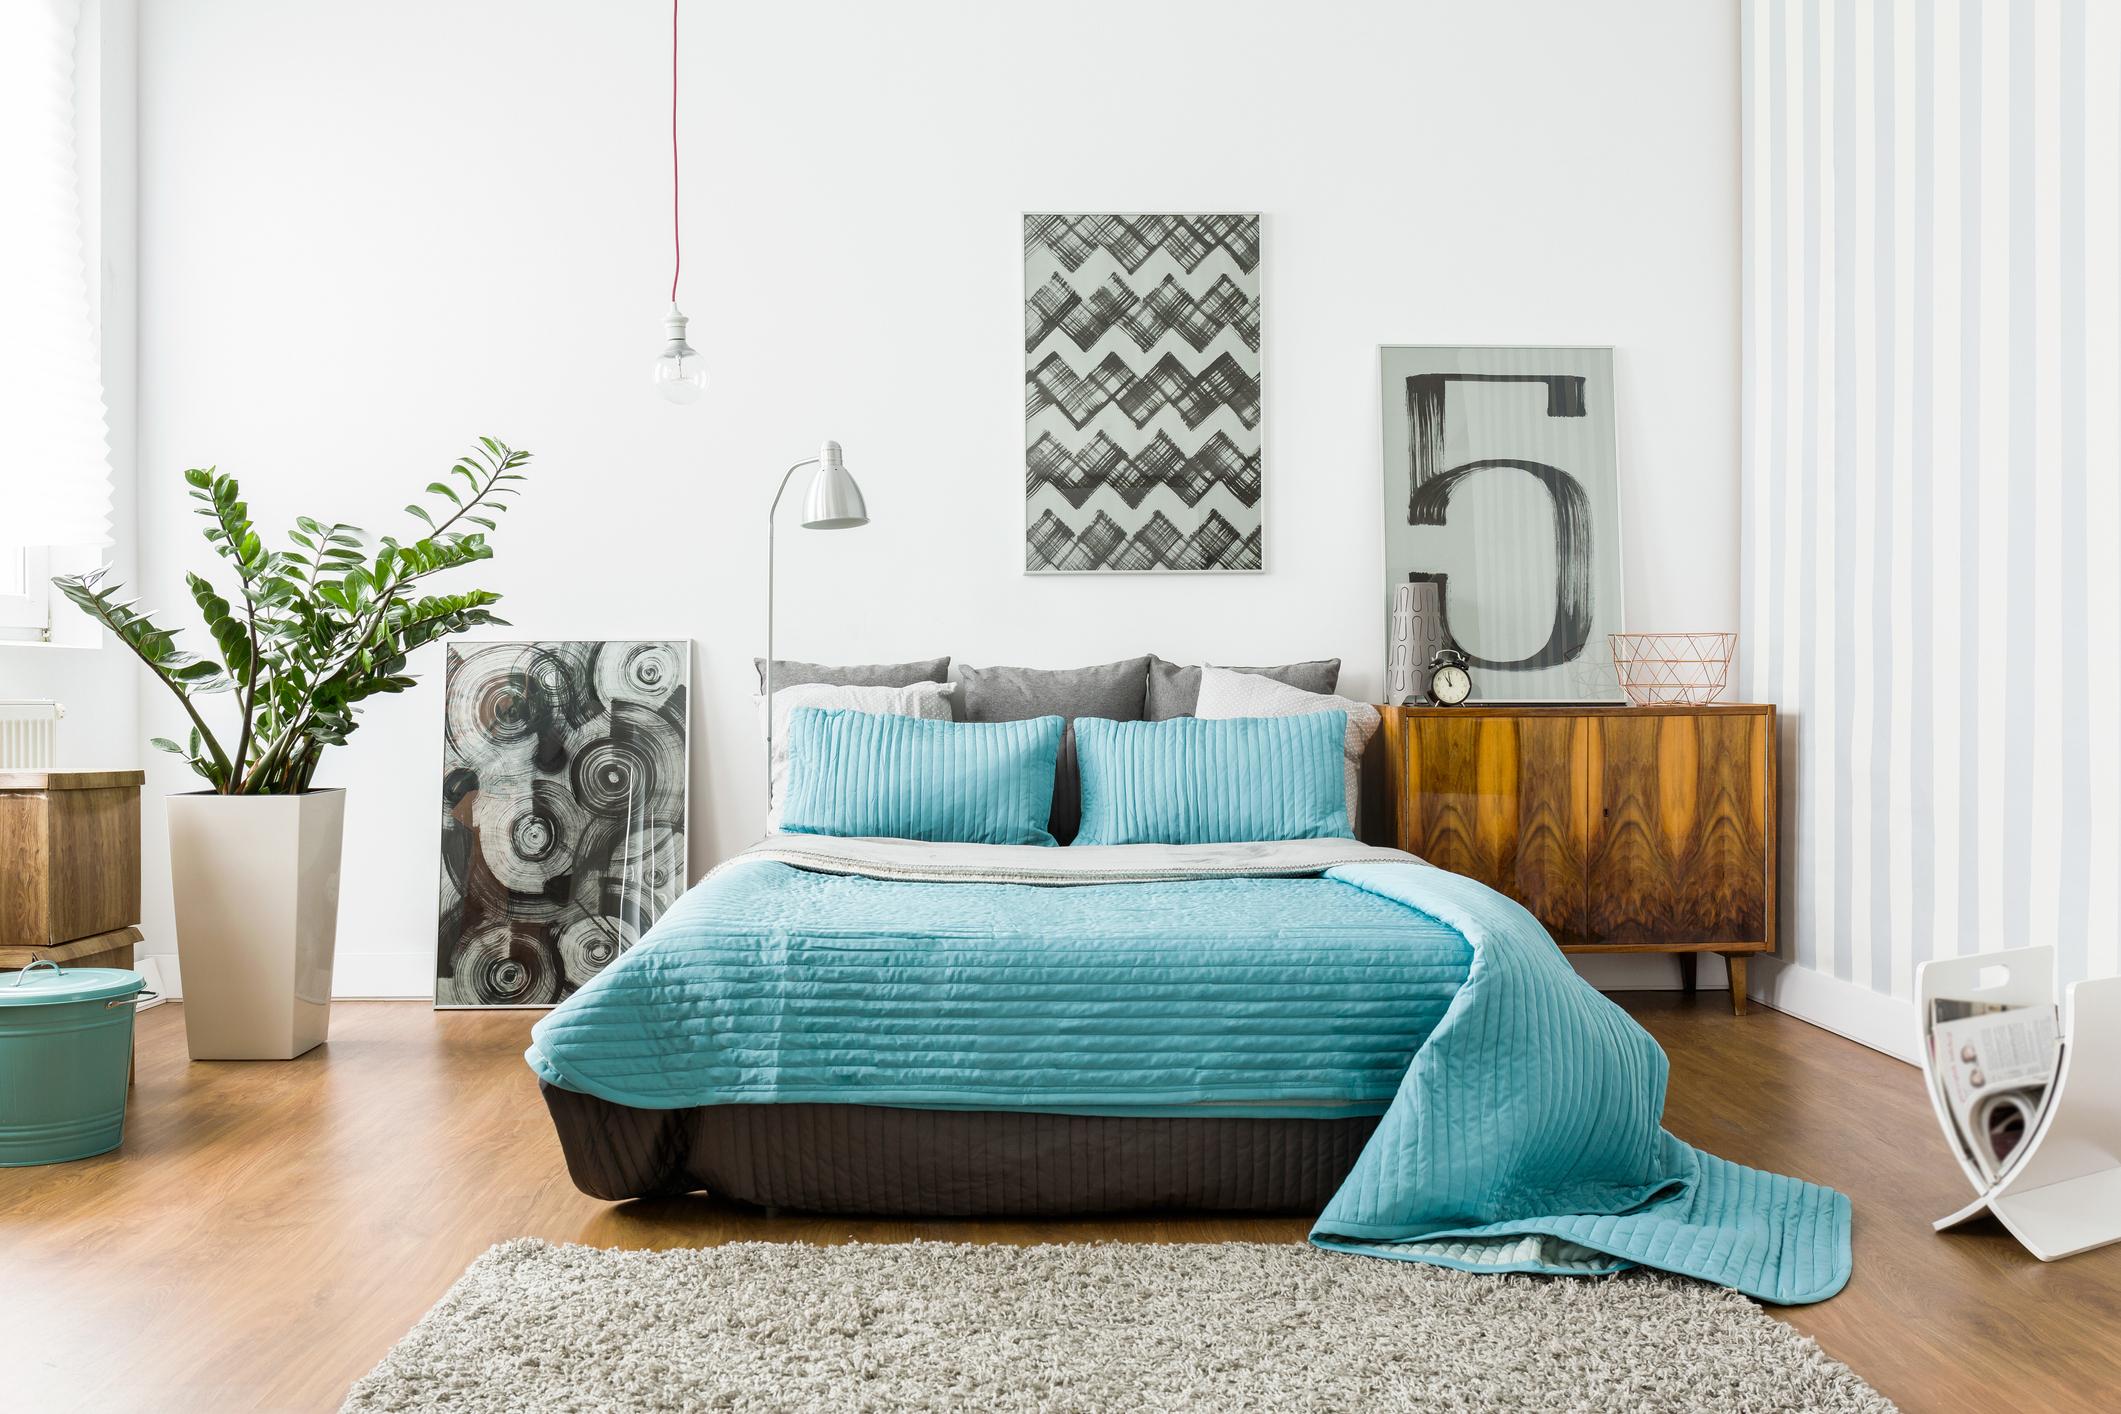 Много хора смятат, че когато купуват нови мебели за спалнята те трябва да си подхождат задължително. Това не е така вече. Може да съчетавате различни цветове, форми, материали и материи спокойно, ако си подхождат. Това ще прирададе характер и оригиналност на стаята ви.